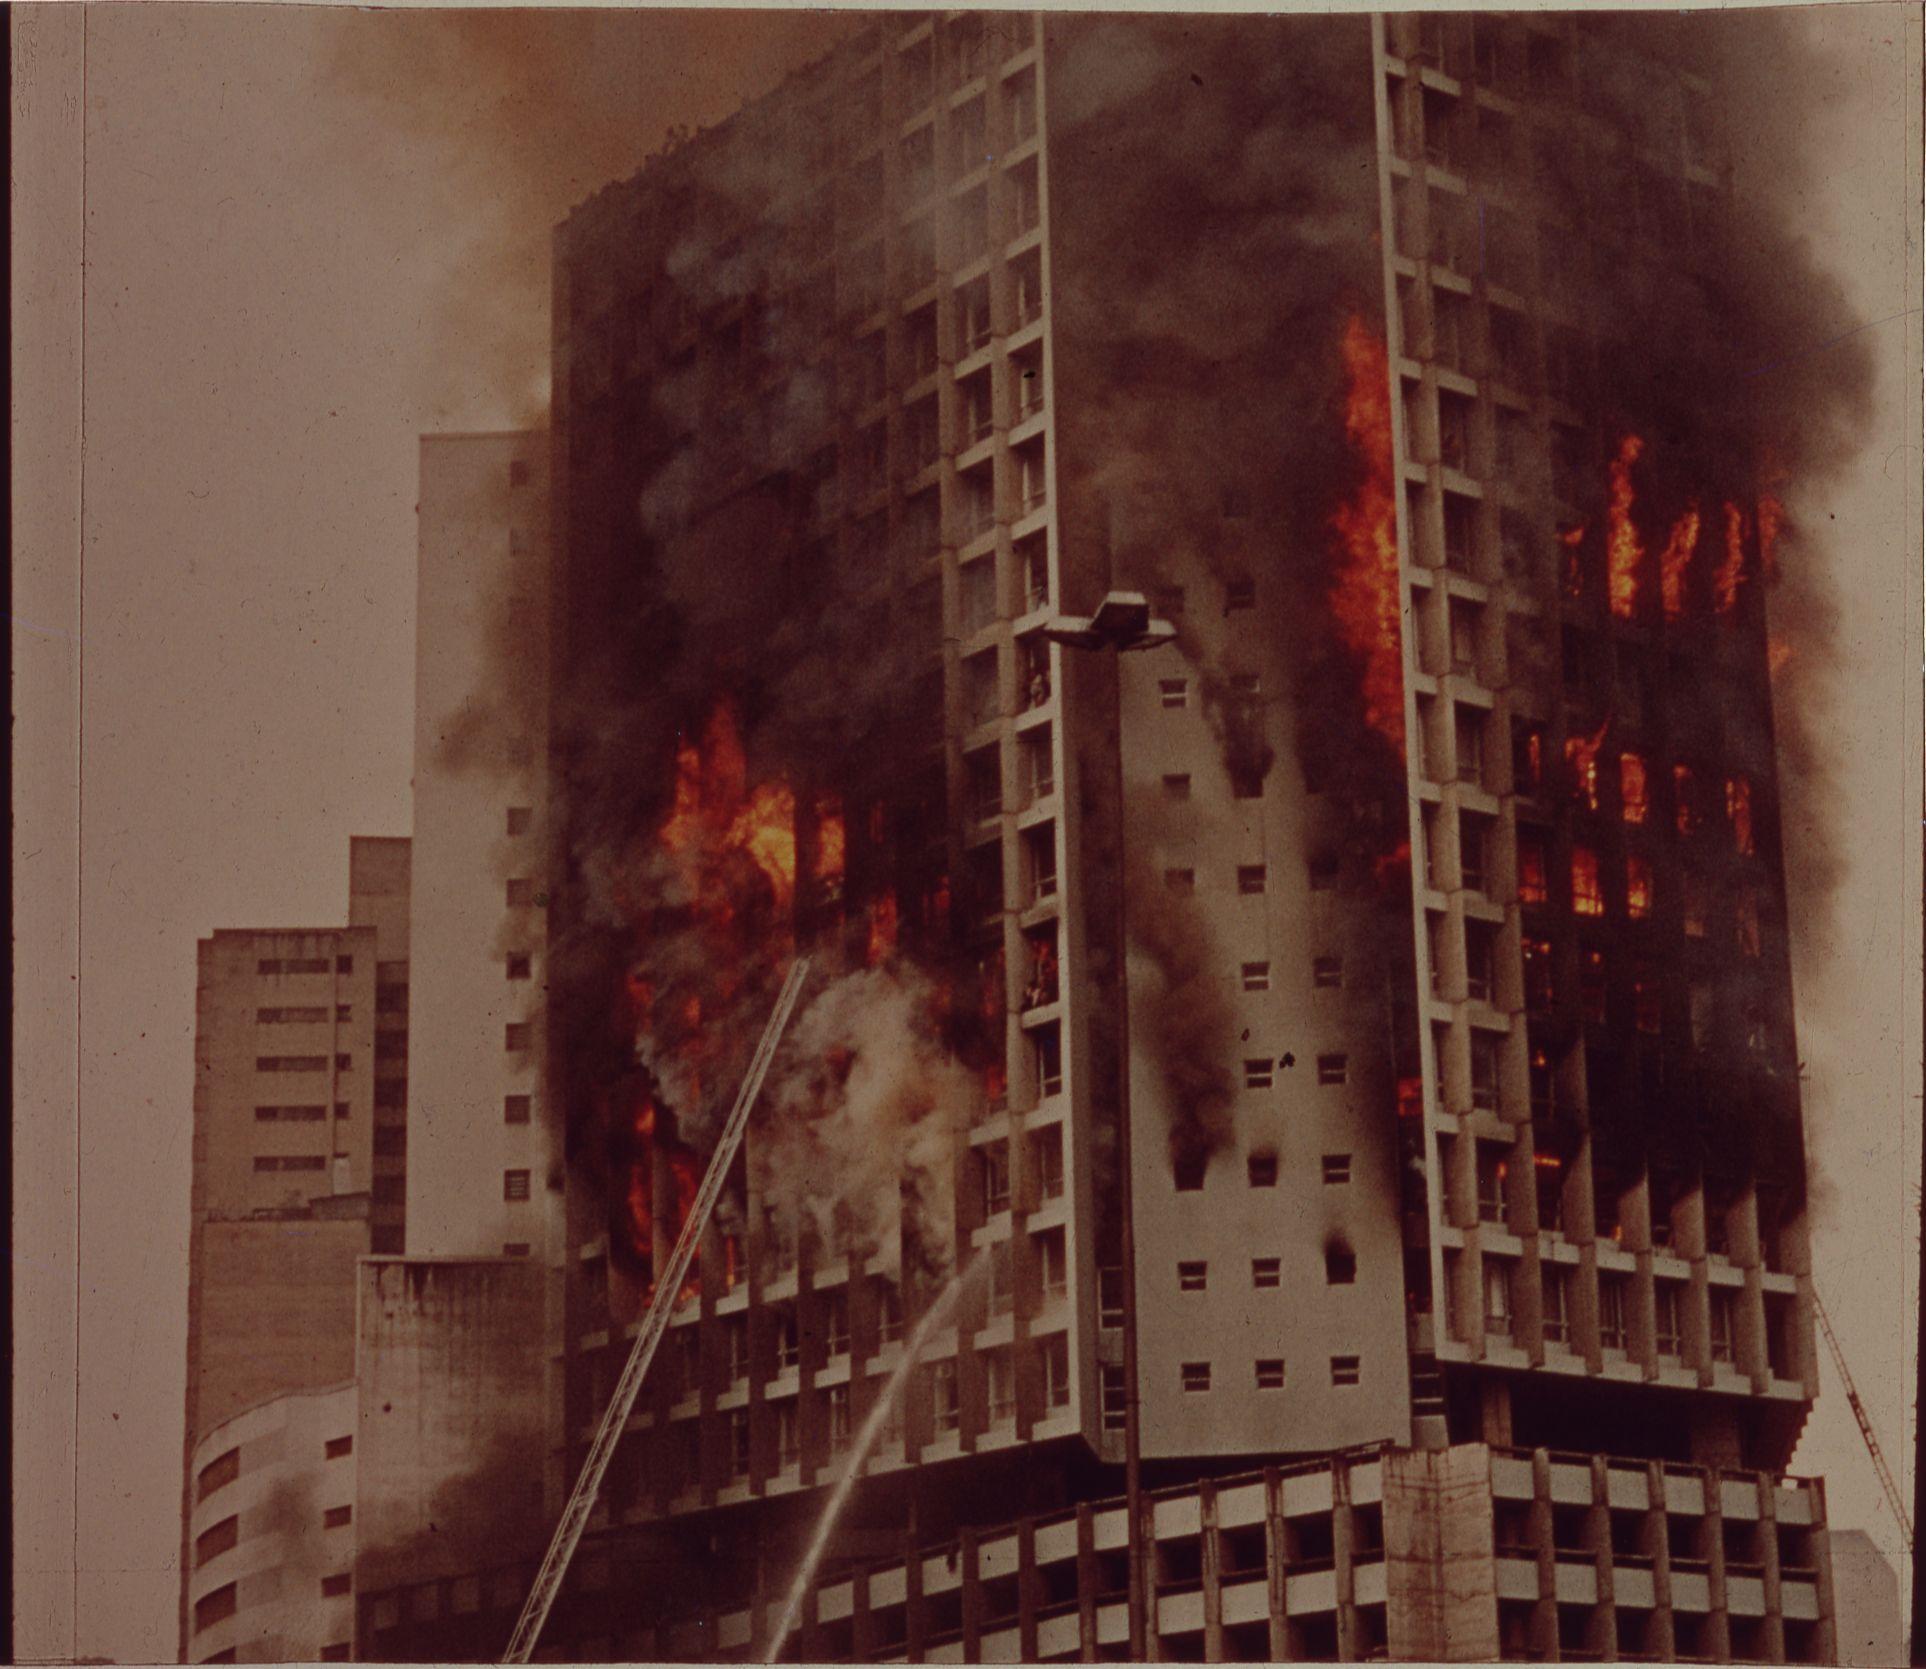 #SãoPaulo461: Relembre O Incêndio No Edifício Joelma